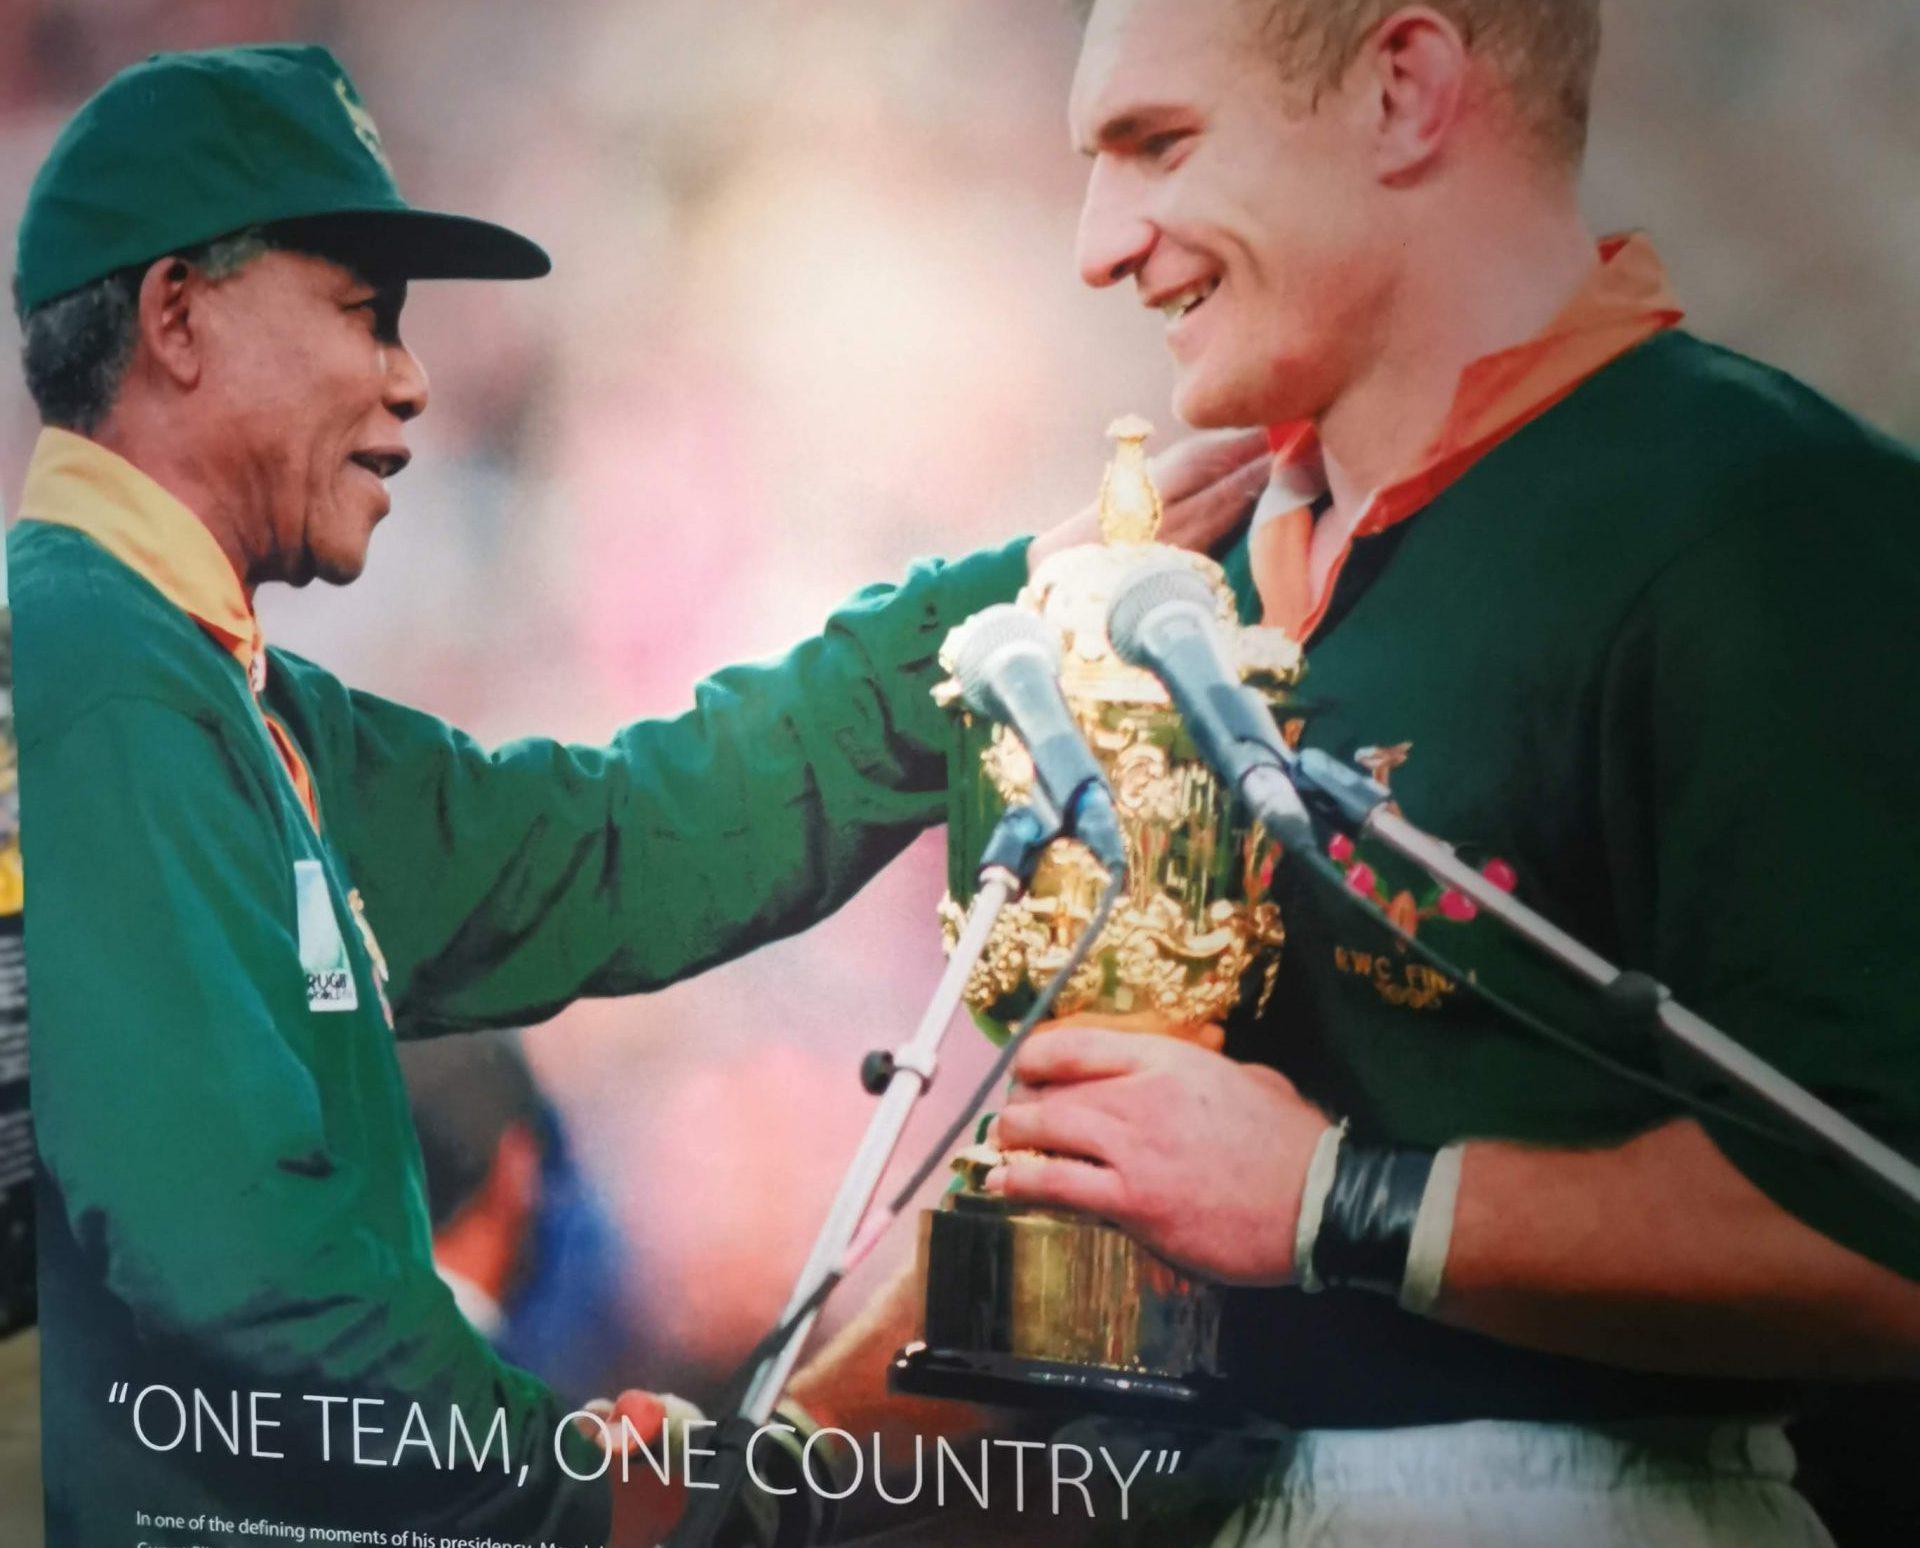 南アフリカのONE TEAM, ONE COUNTRYのポスターの写真